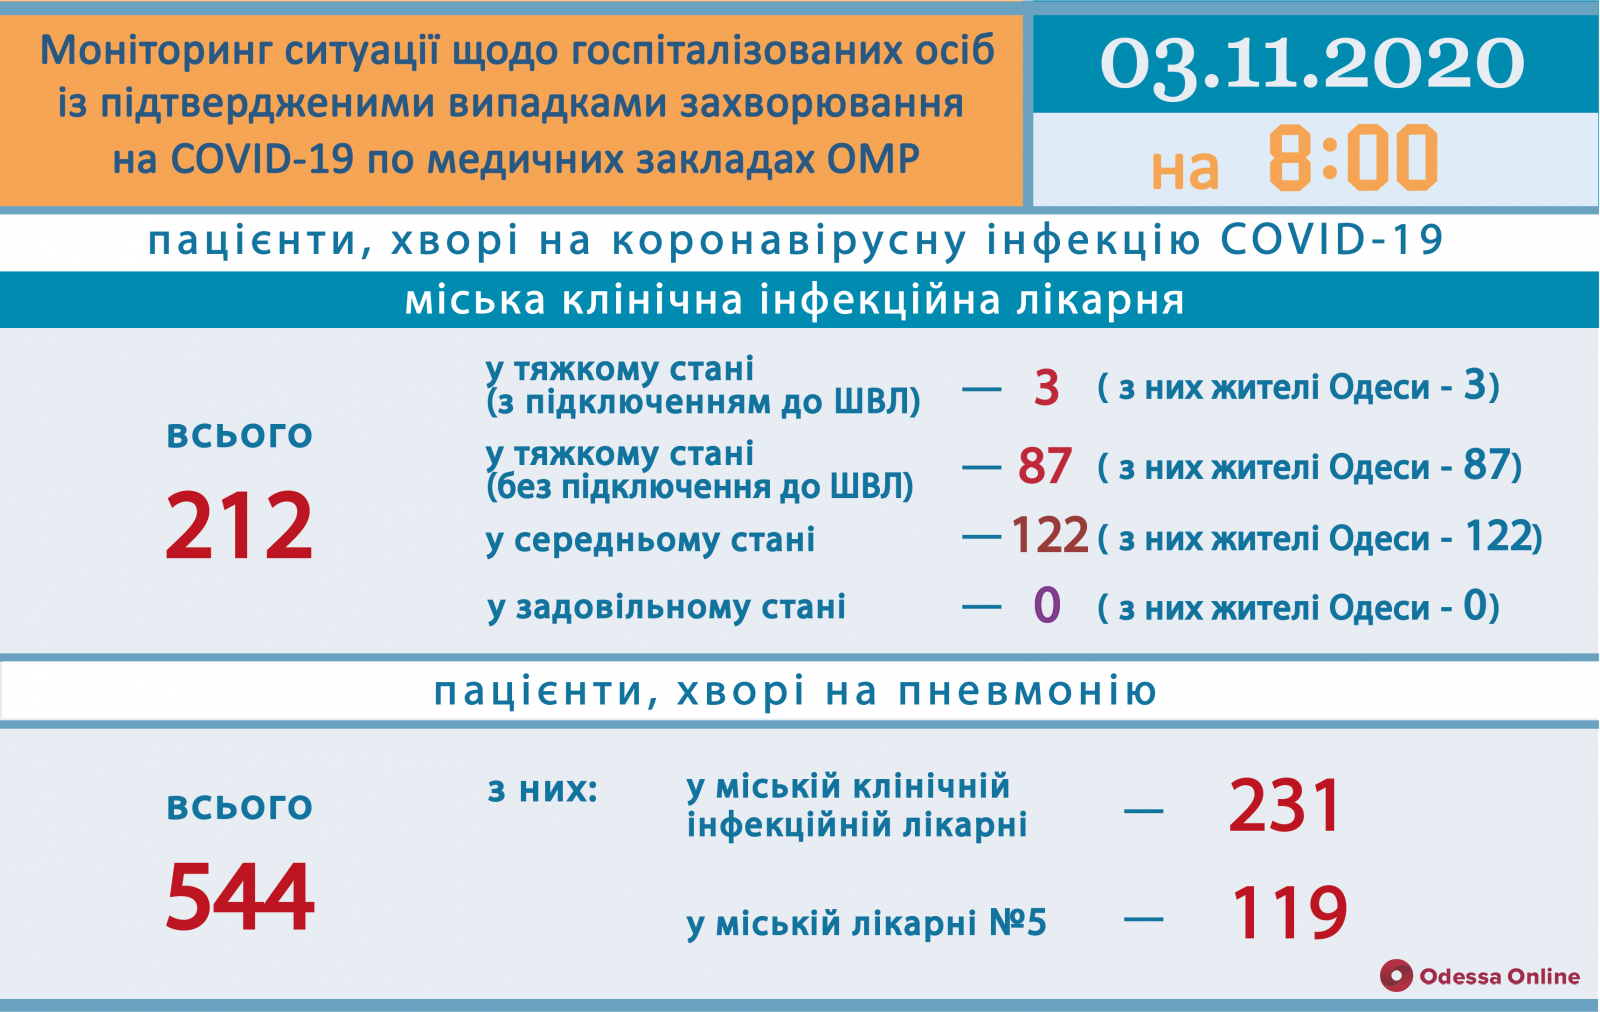 В одесской инфекционке 90 пациентов с COVID-19 находятся в тяжелом состоянии